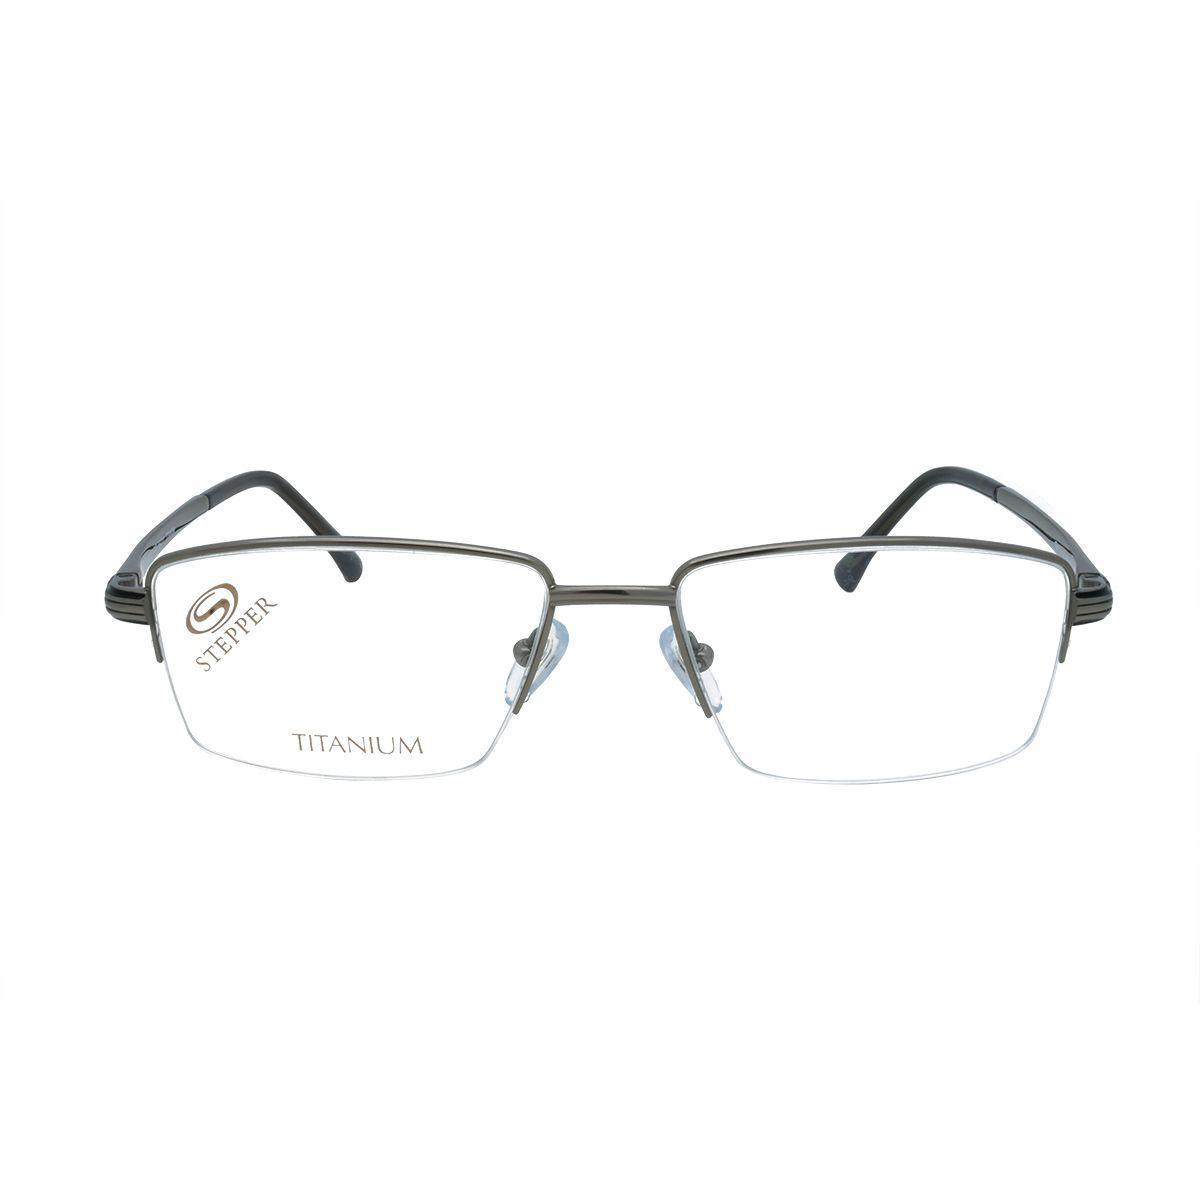 92e8e23a4 Óculos de Grau Stepper Unissex Titanium SI-60025 F029 - Grafite R$ 846,00 à  vista. Adicionar à sacola